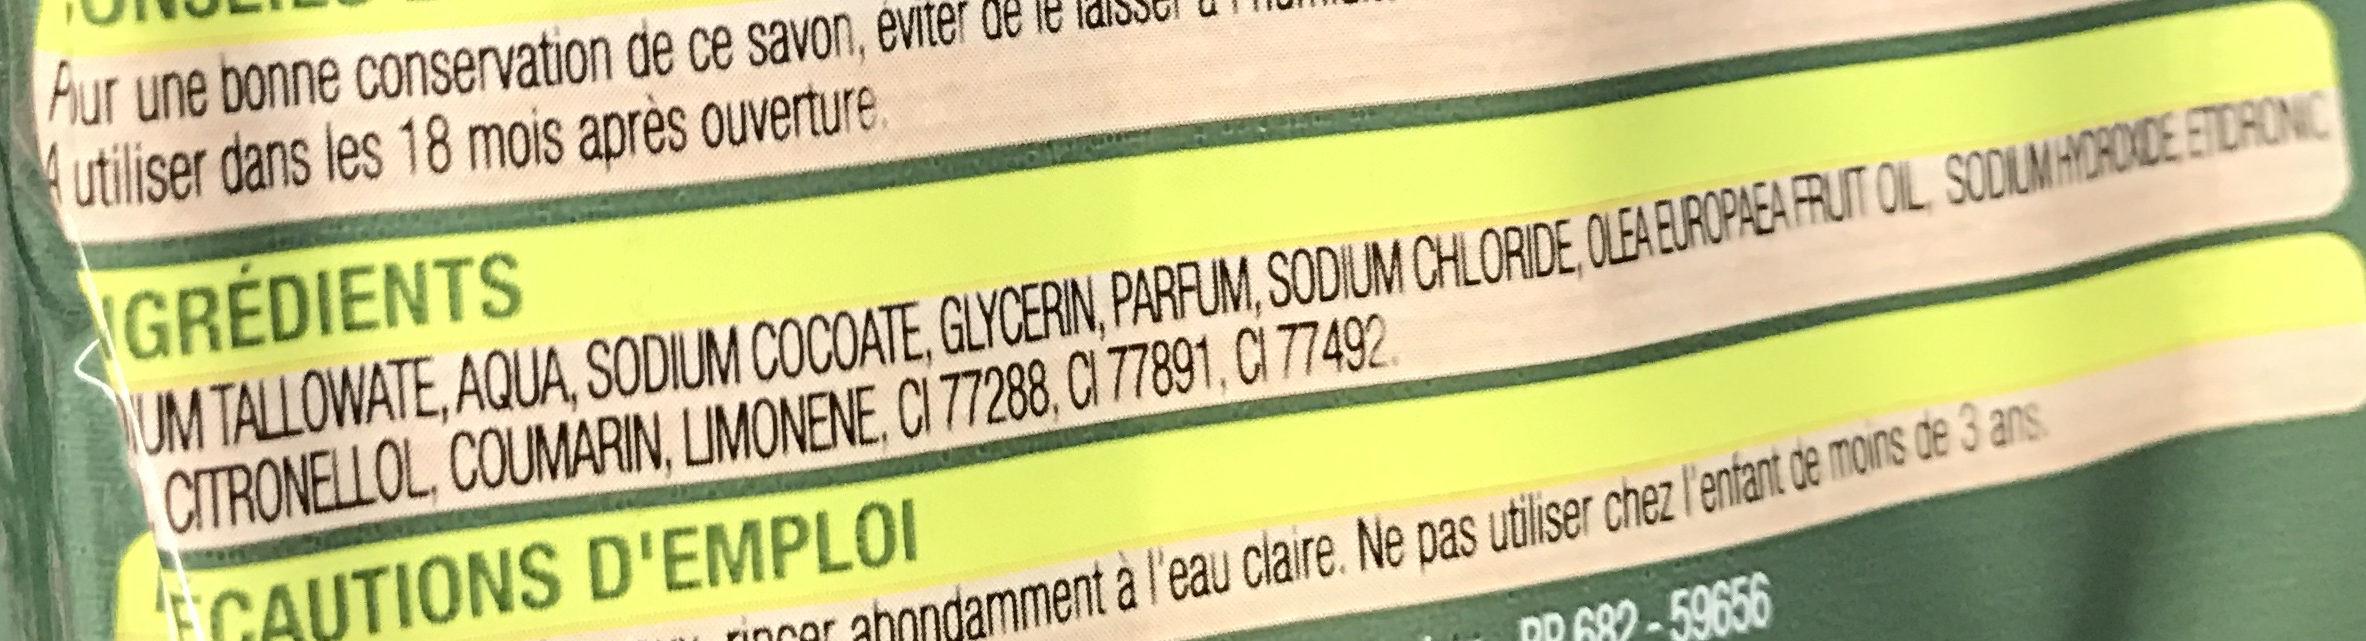 Savon de toilette à l'huile d'olive - Ingrédients - fr